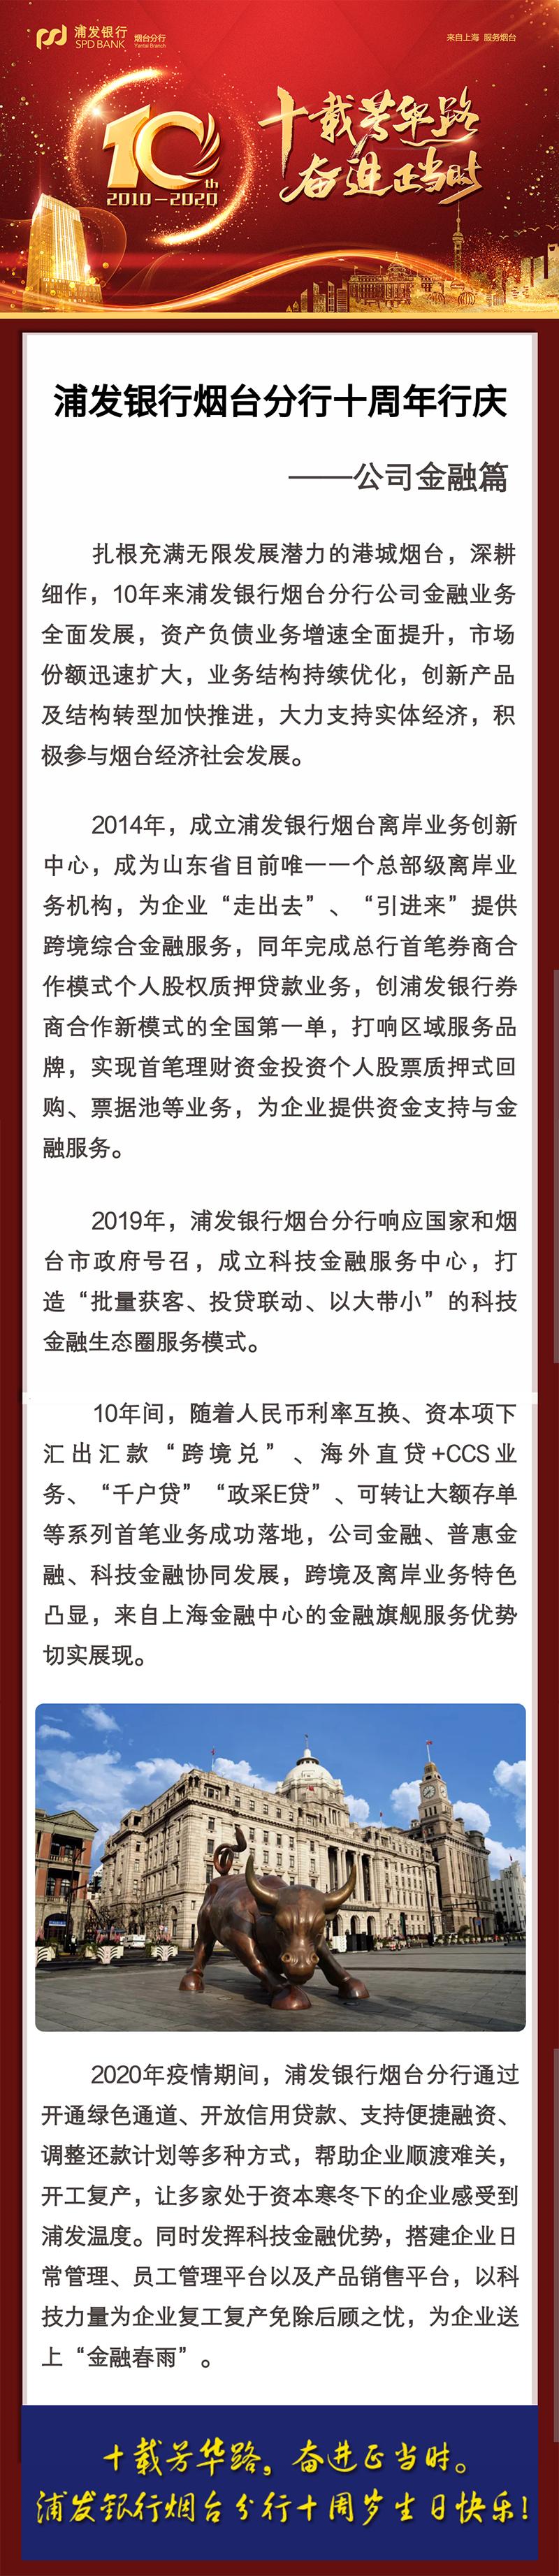 screenshot_20200916_091207_com.tencent.mm